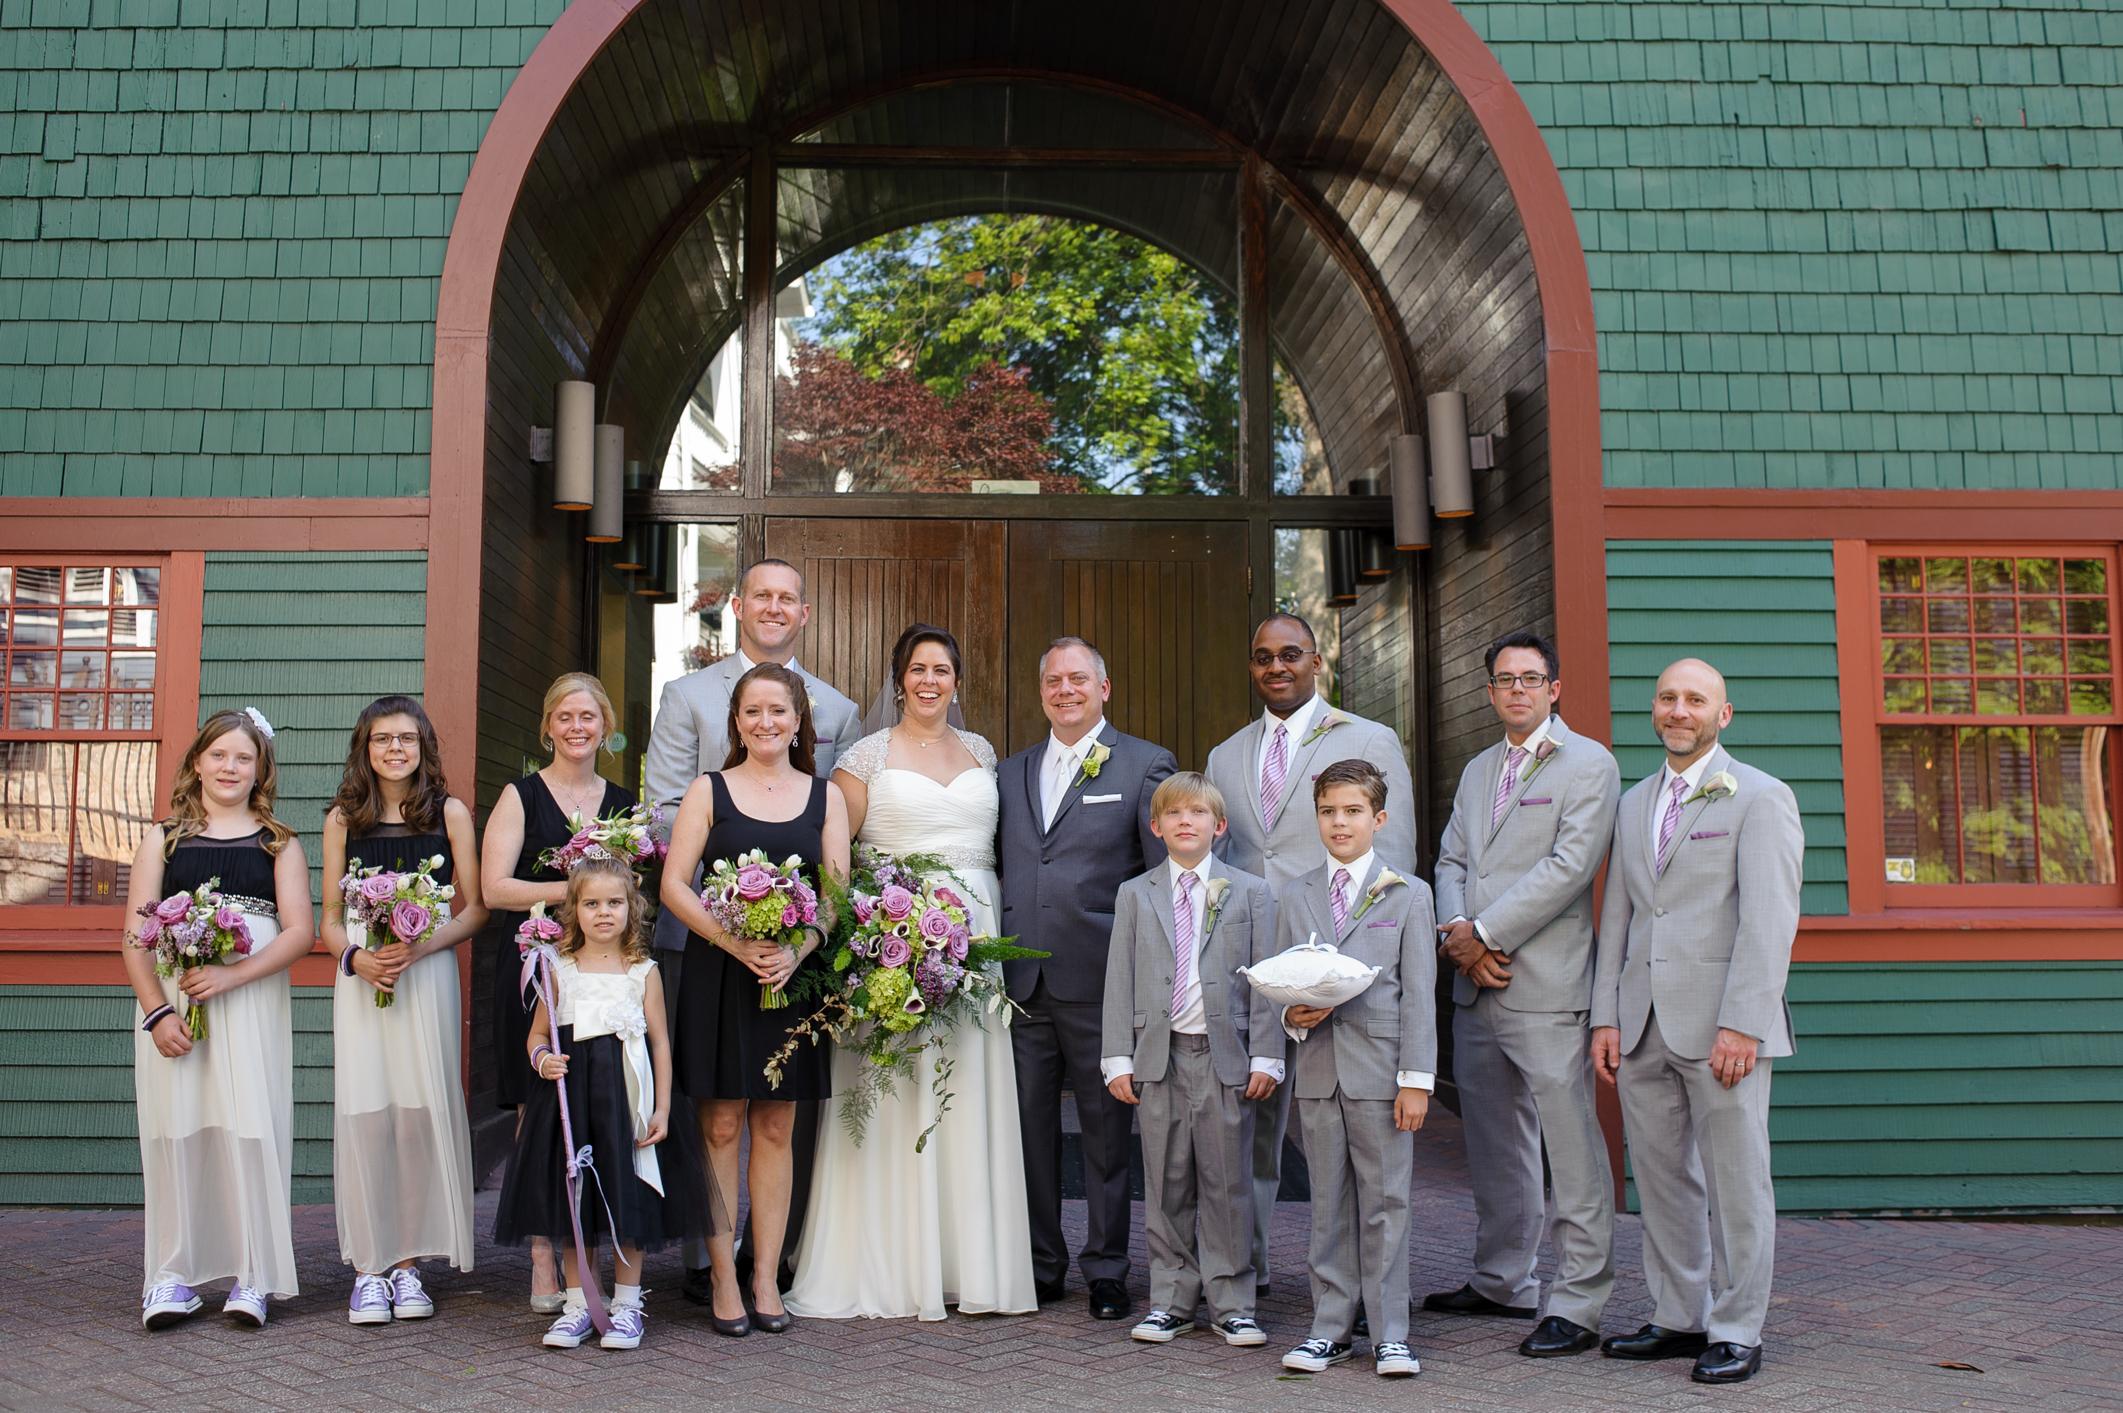 trolley barn wedding-4.JPG